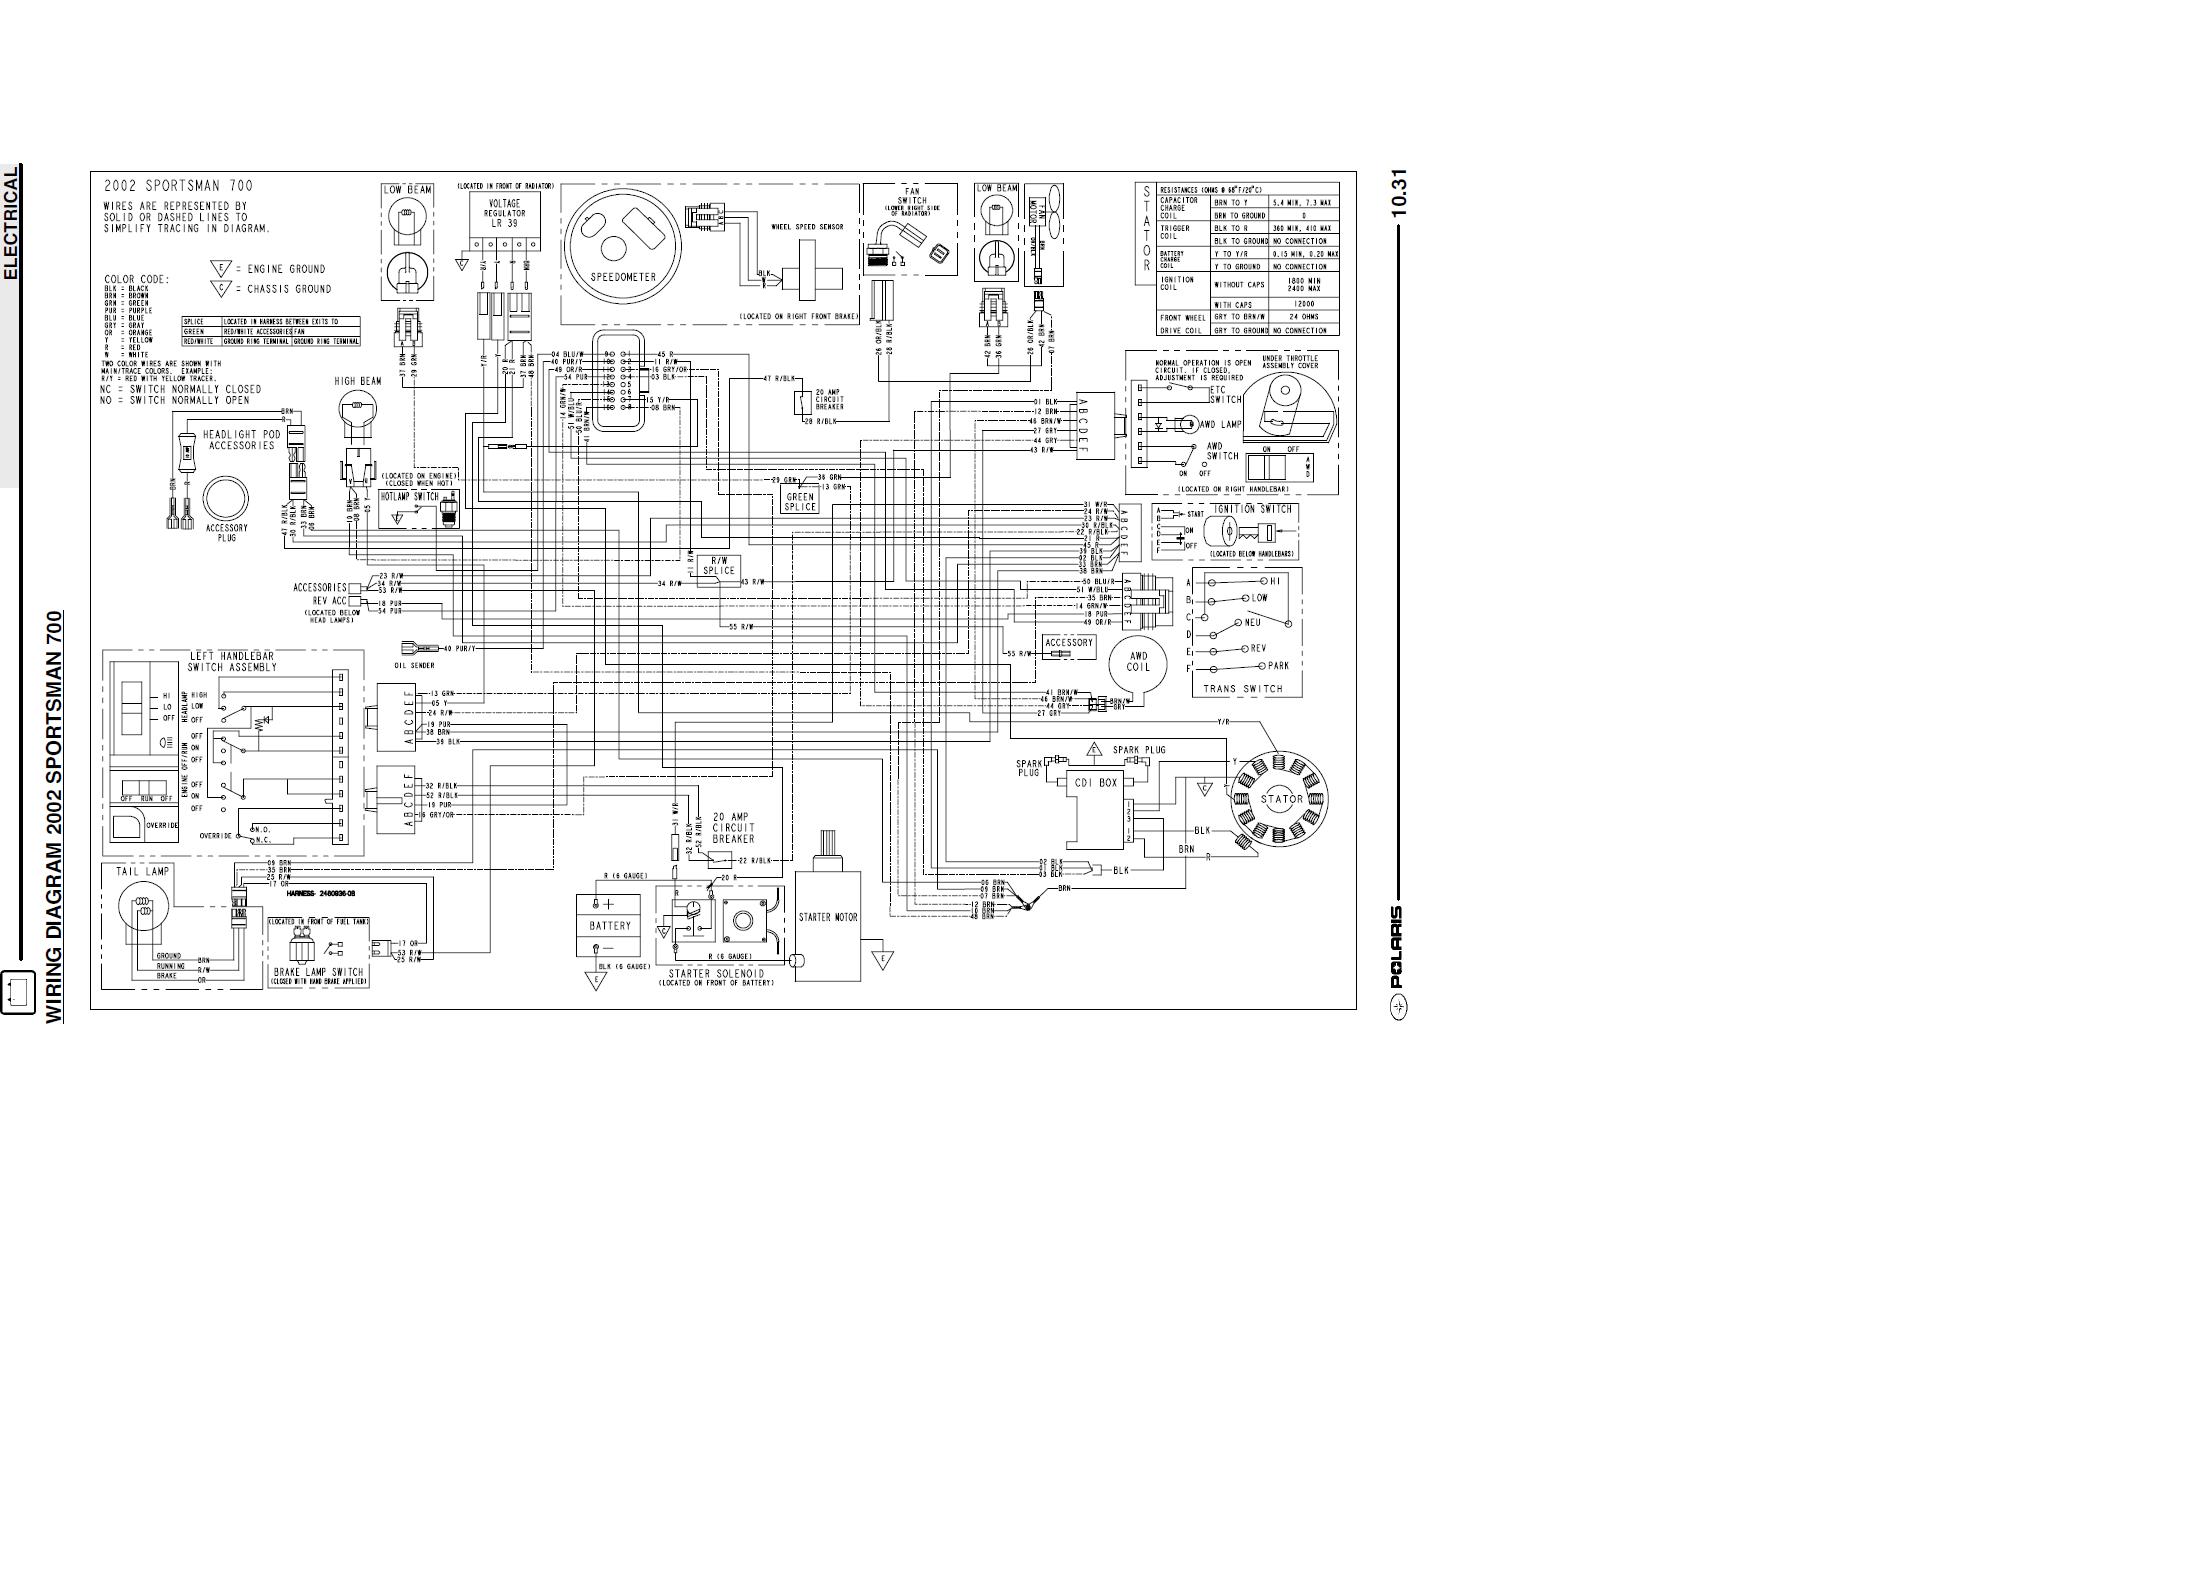 polaris scrambler xp 1000 wiring diagram